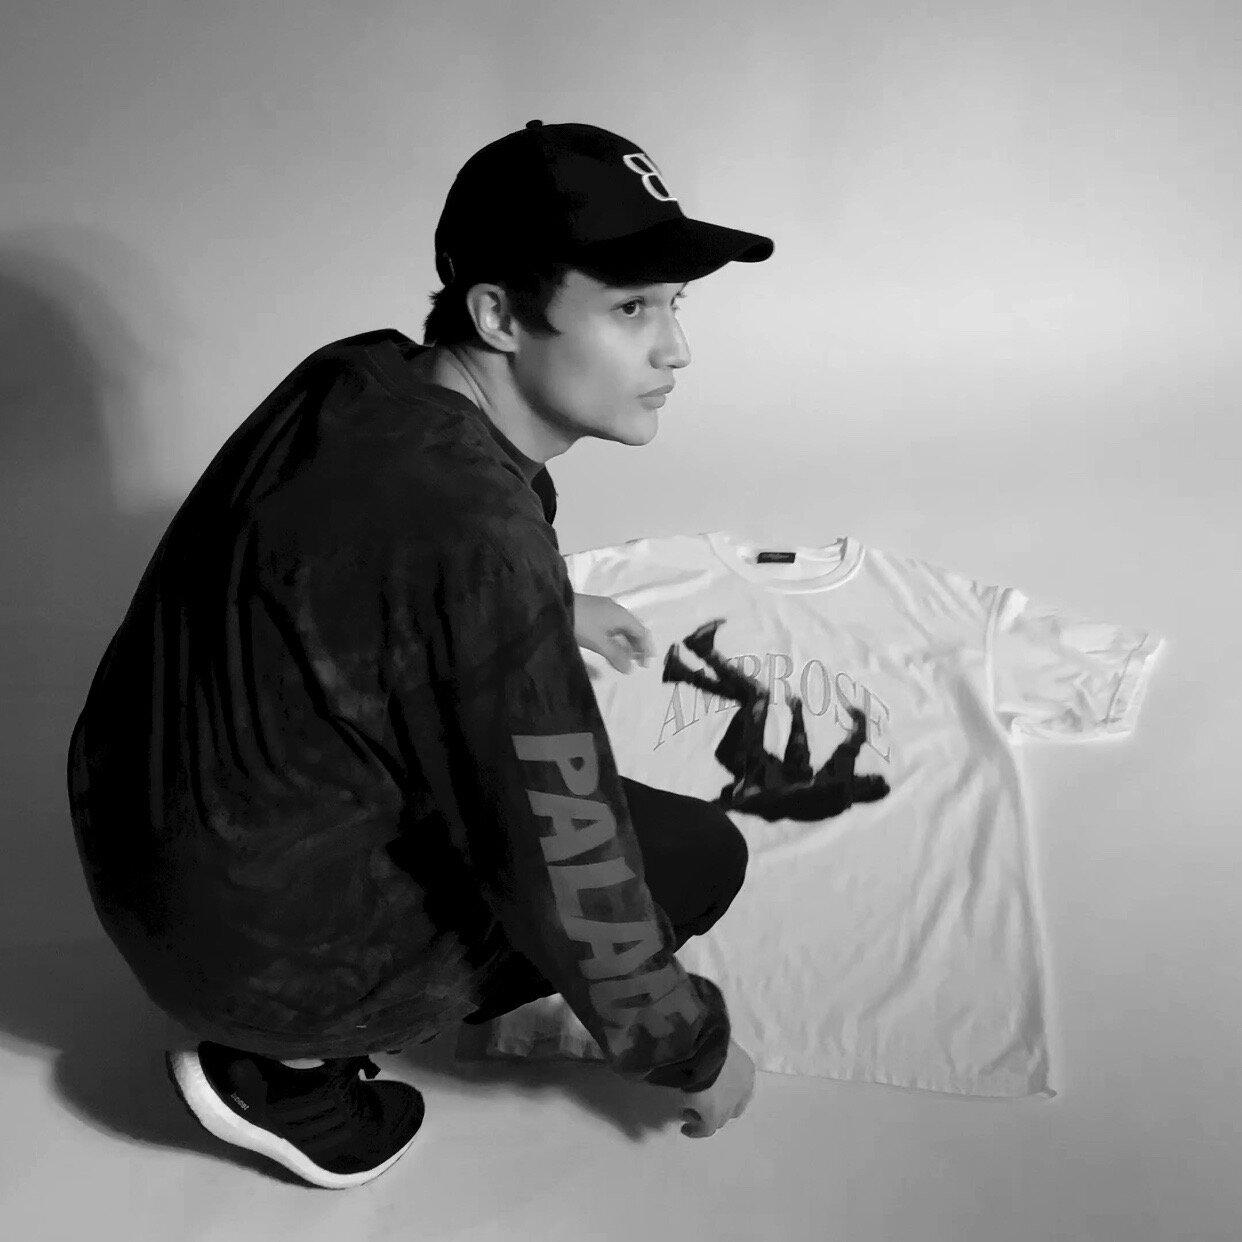 Henry Yenter, shot by @stevensjpeg.